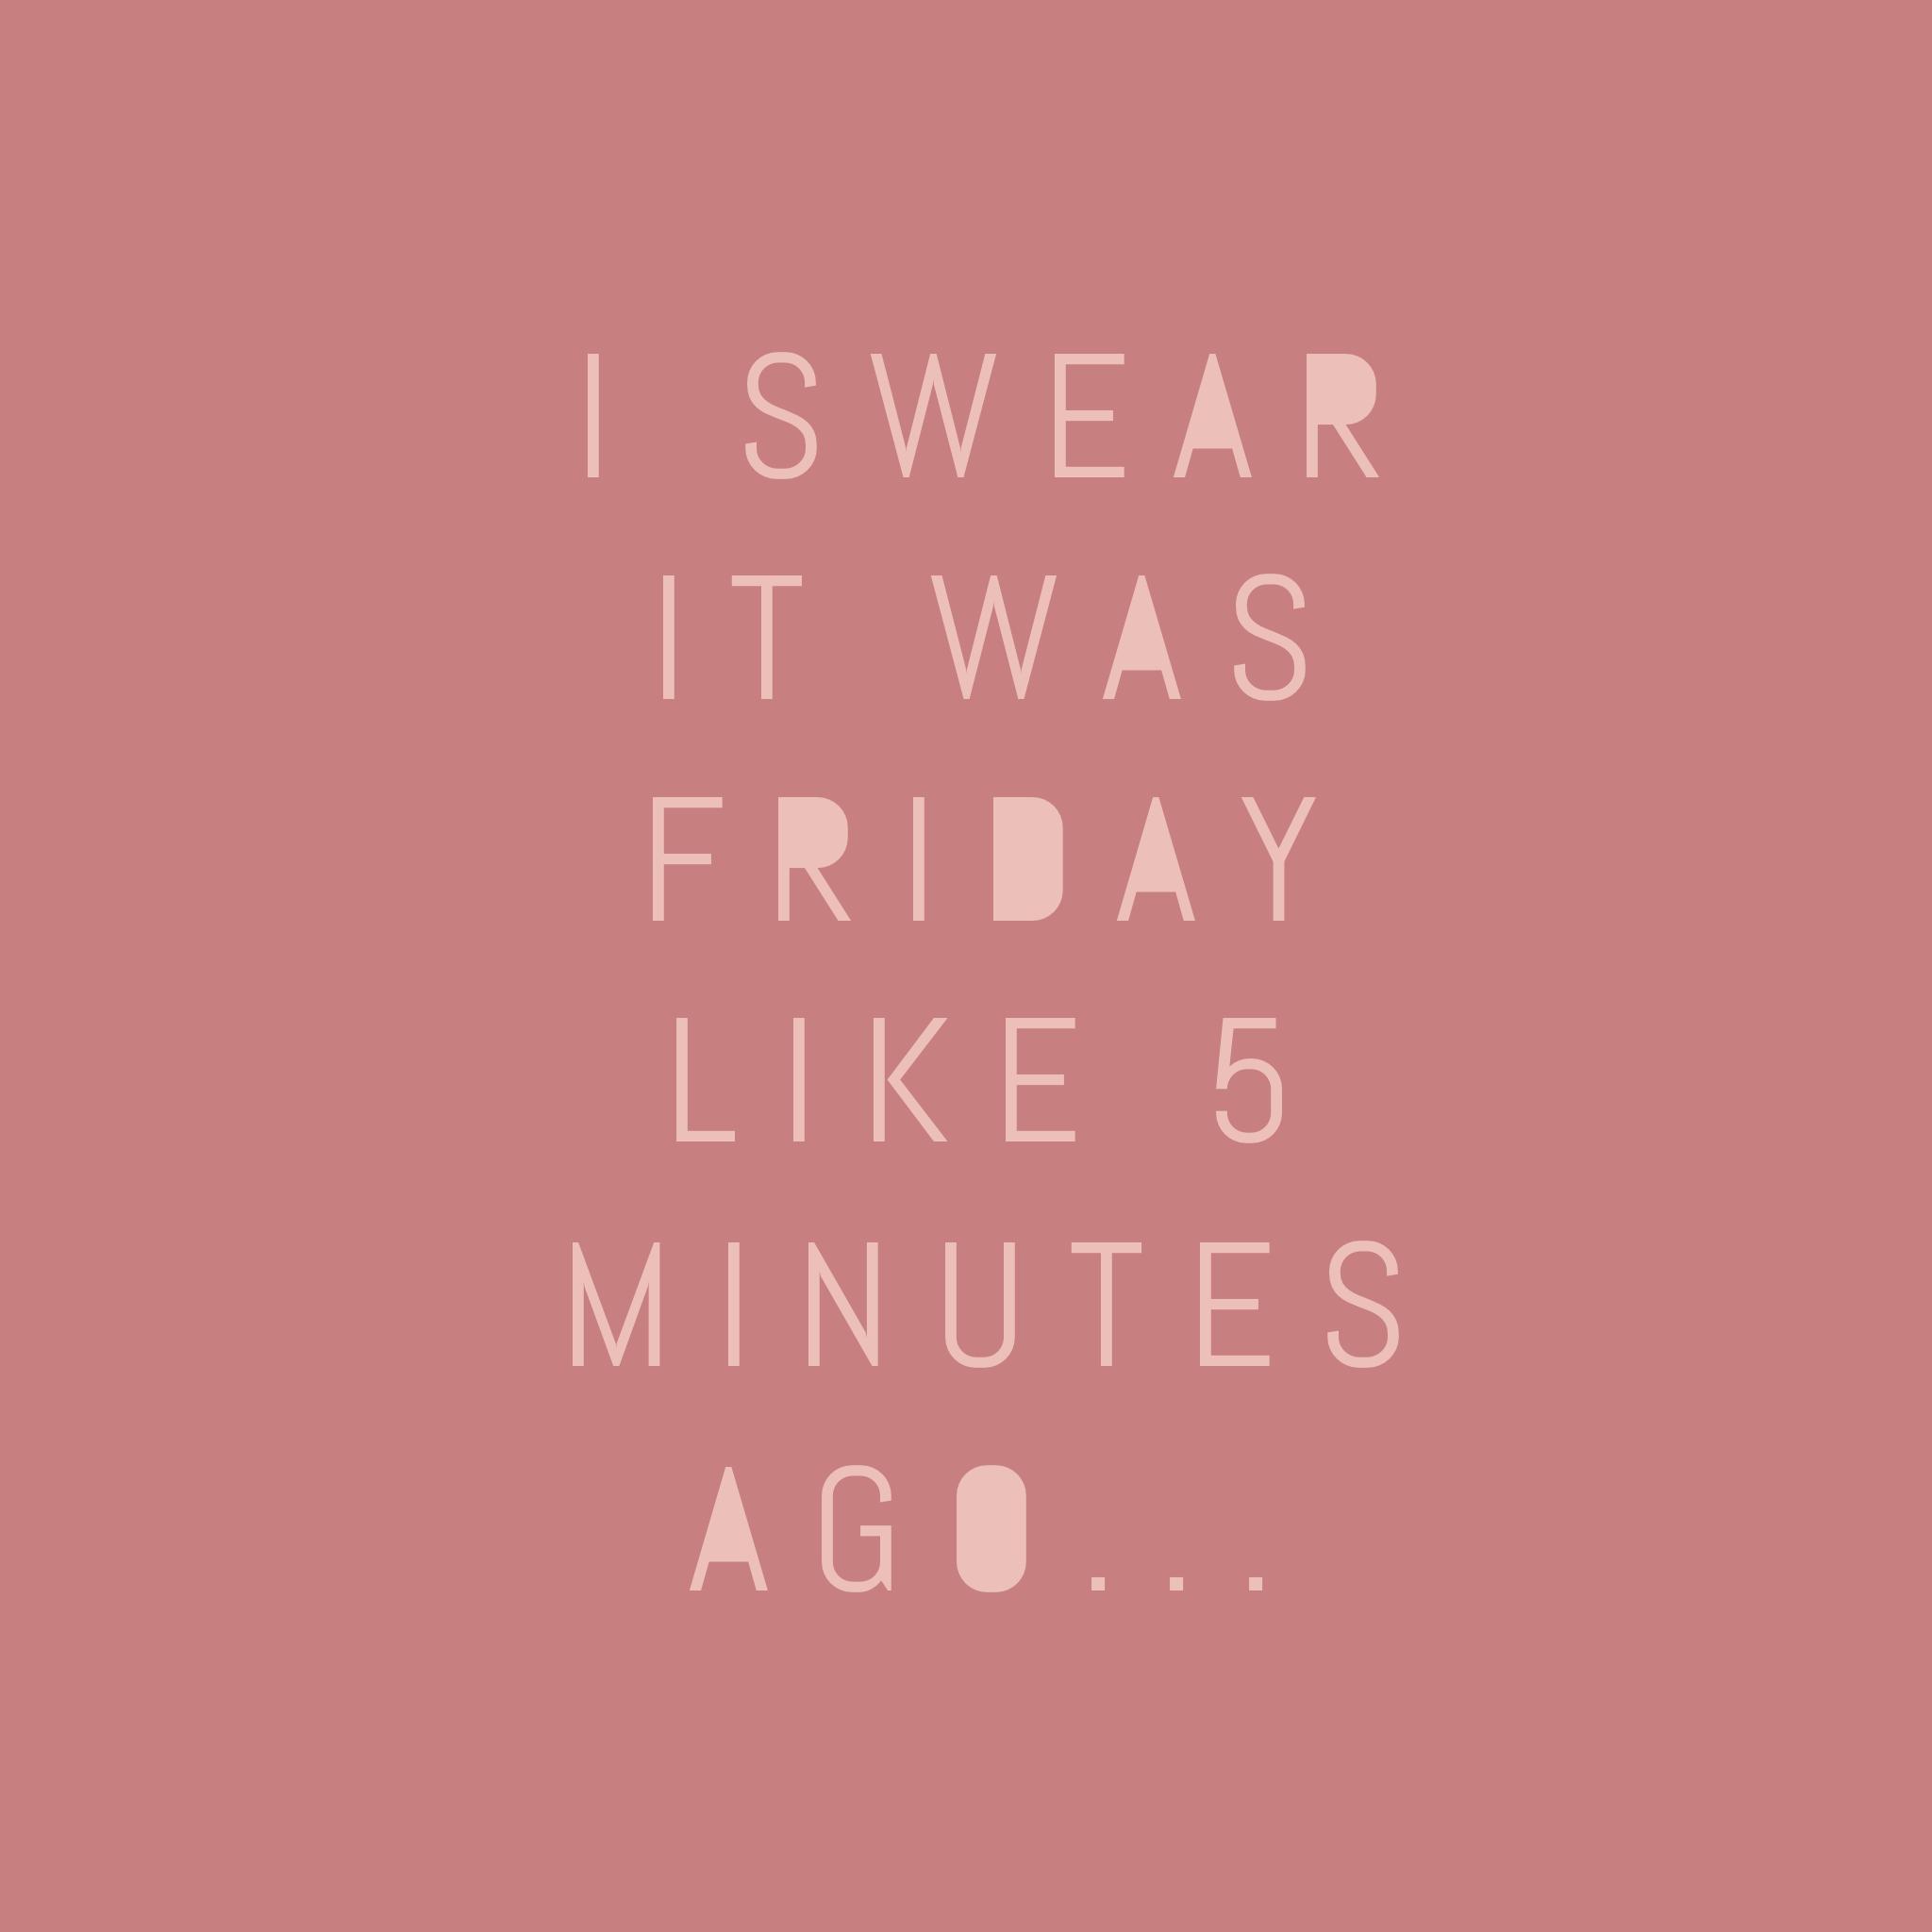 f0df92ef5 I swear it was Friday like 5 minutes ago...